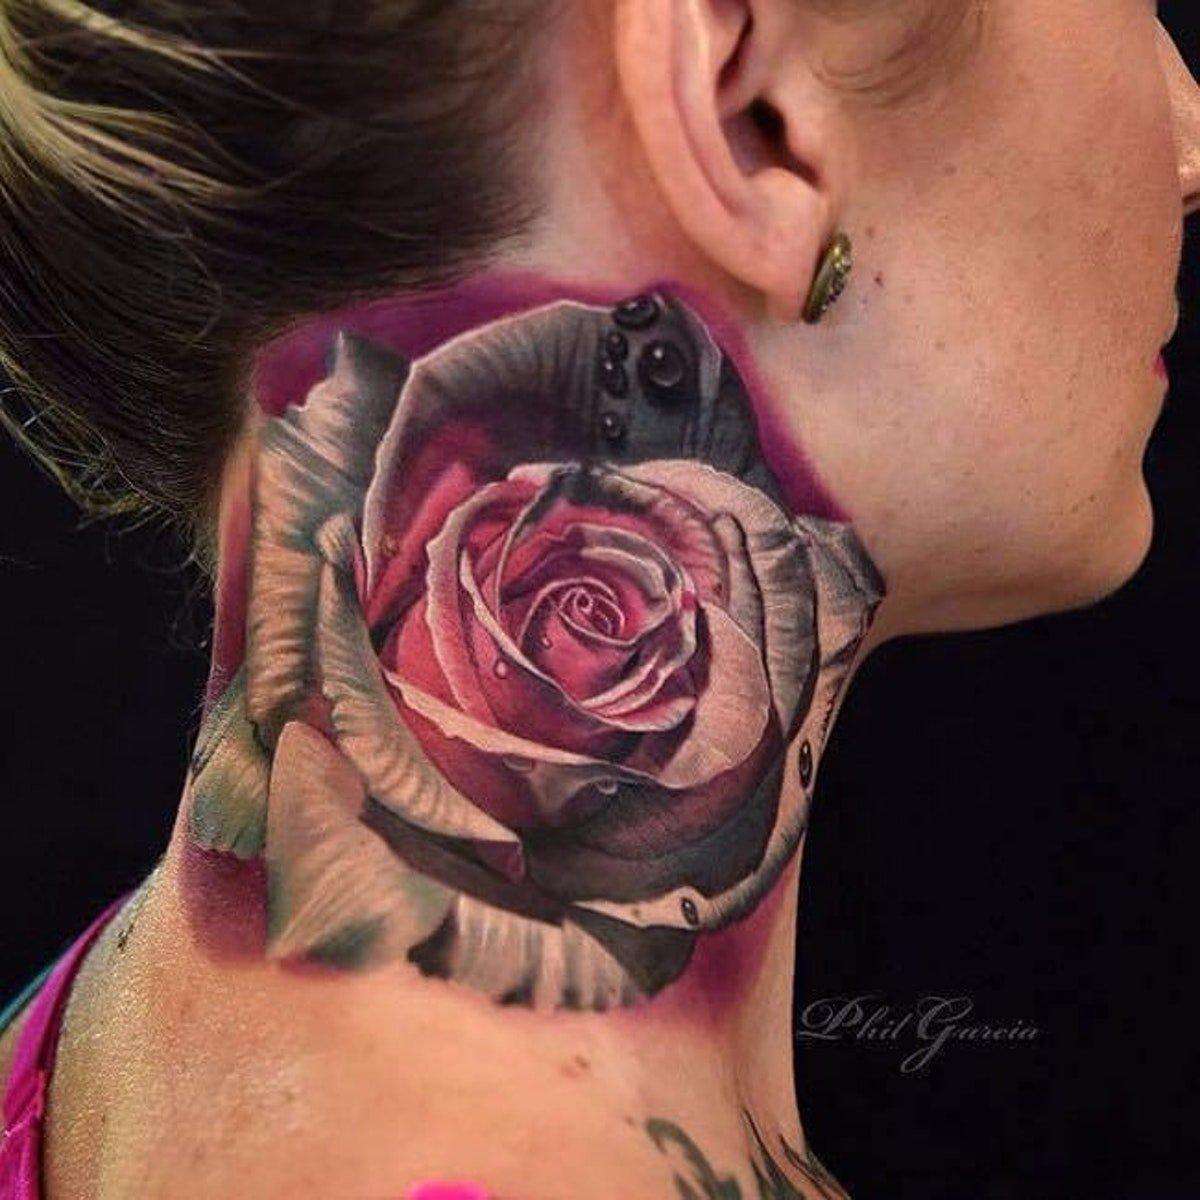 55 Beautiful Flower Tattoos On Nape Card From User Yambulatovare